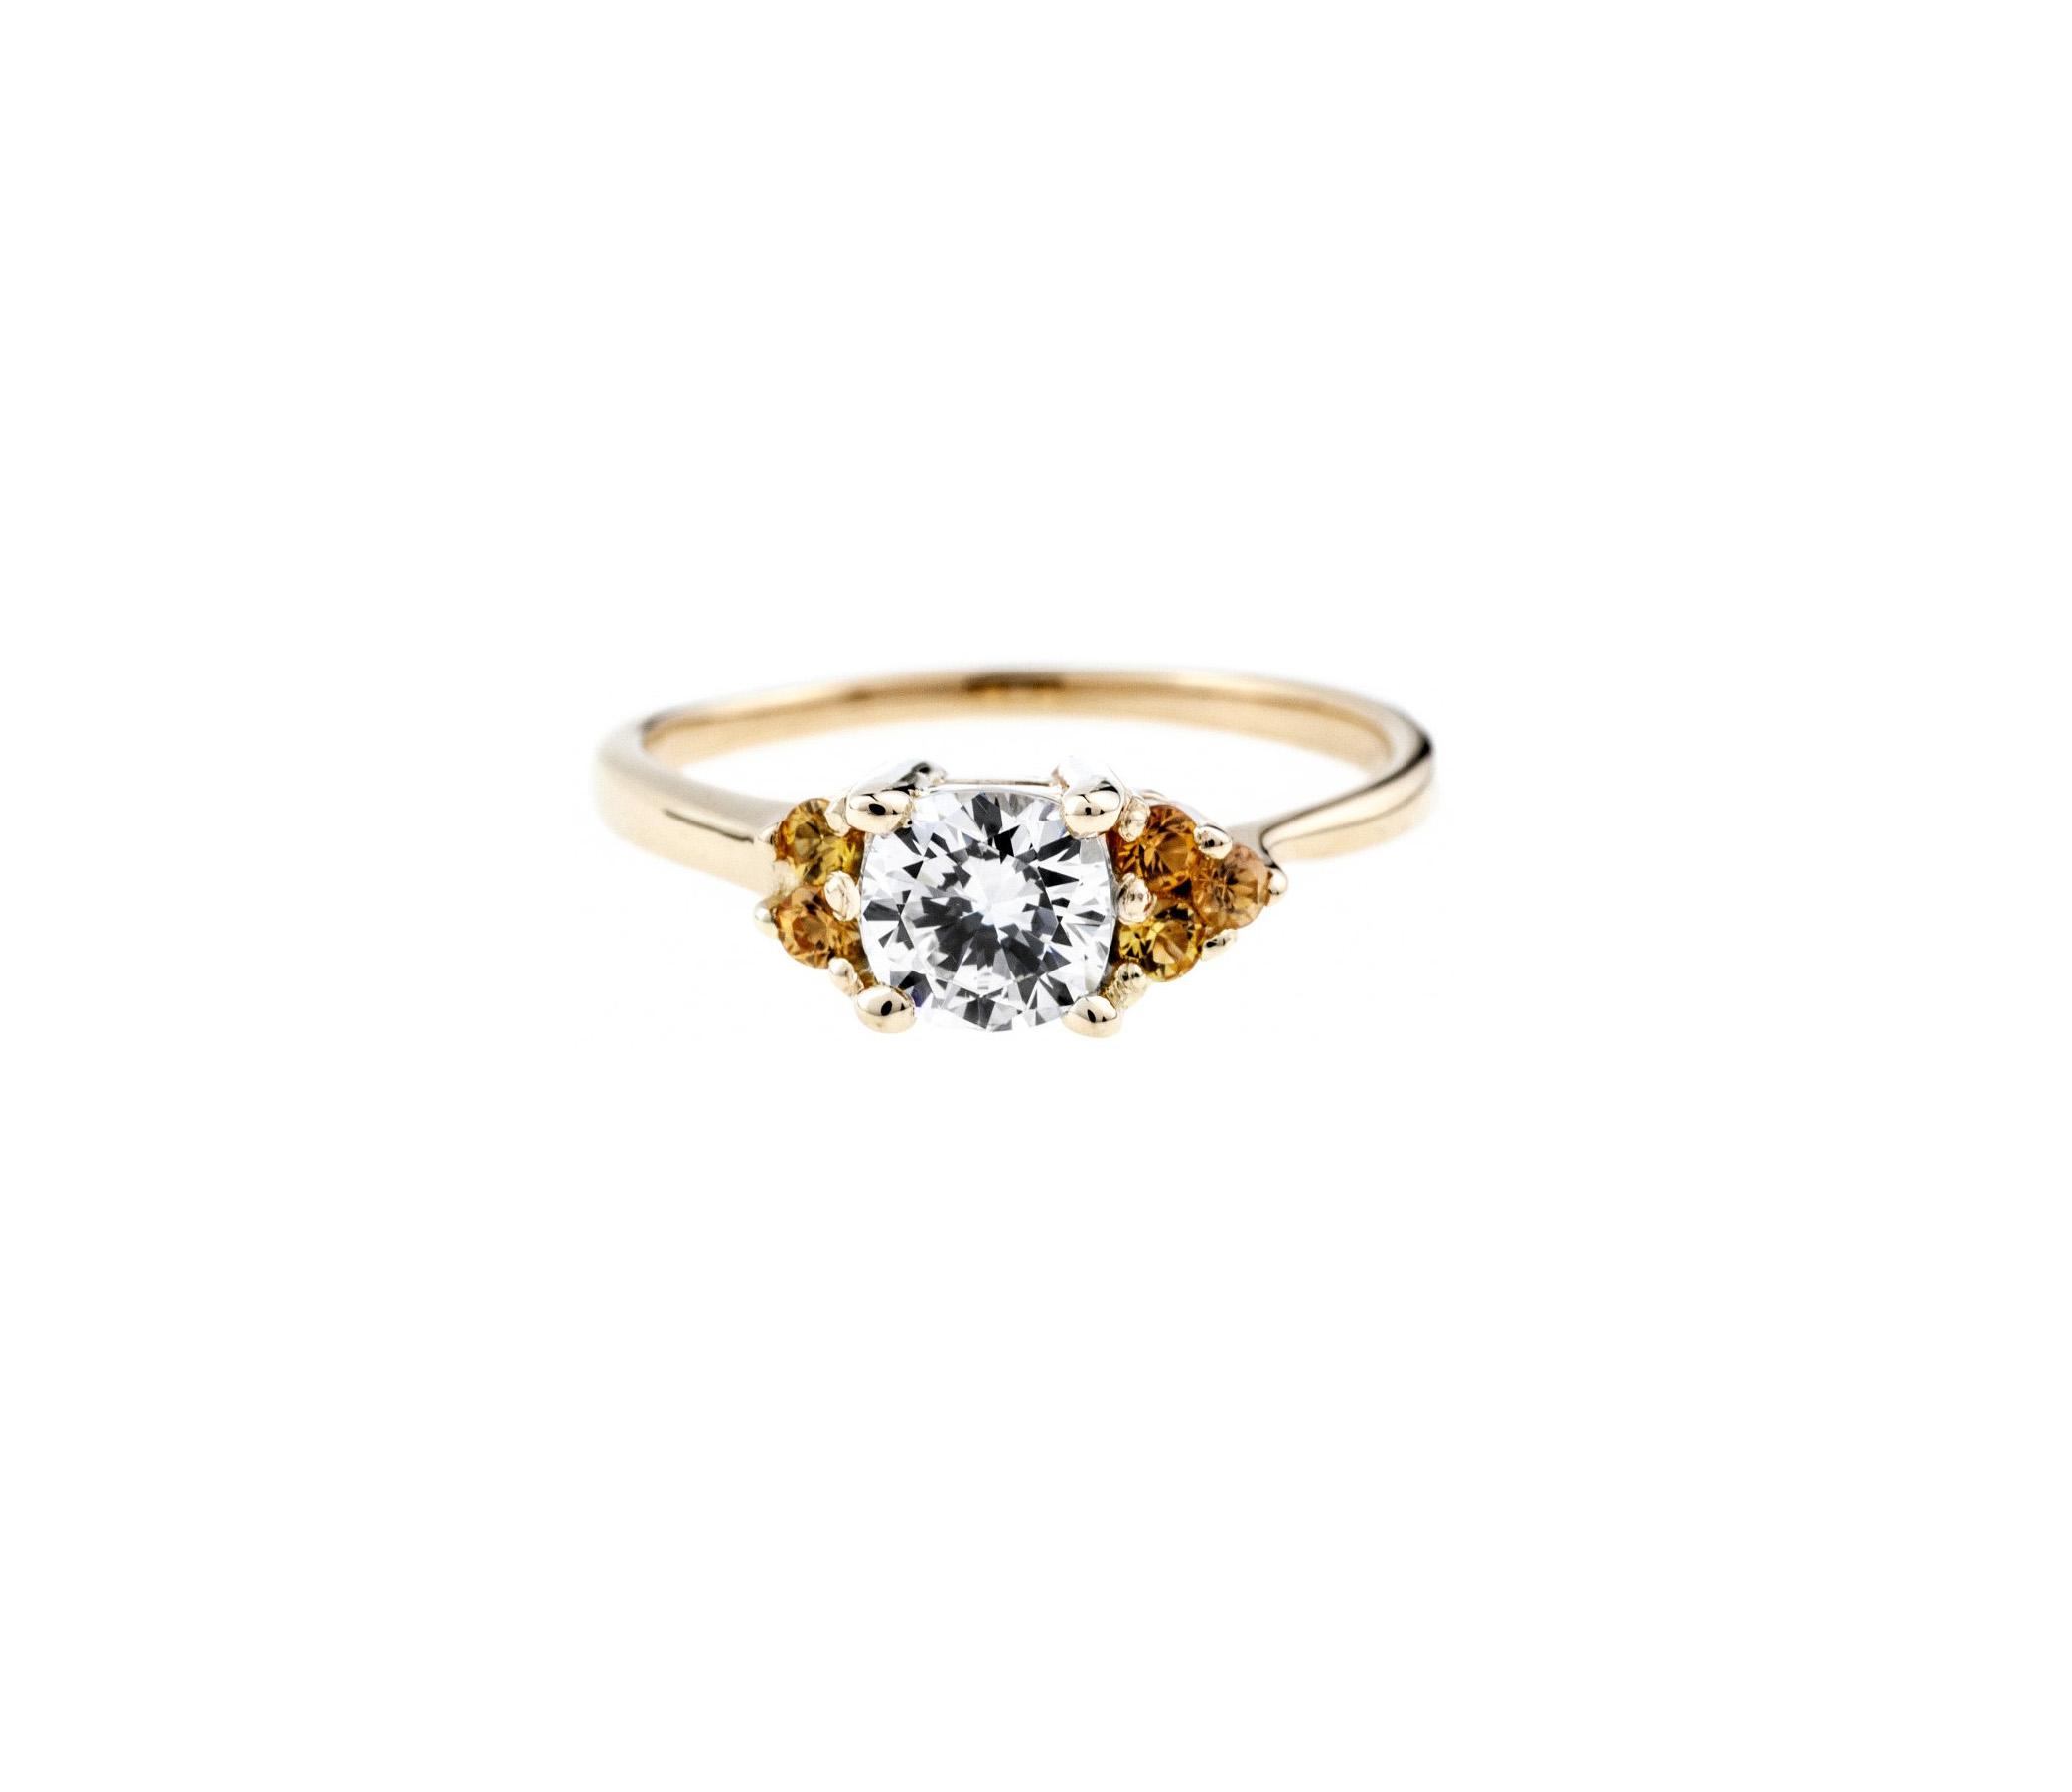 bario neal avens asymmetrical cushion cut engagement ring